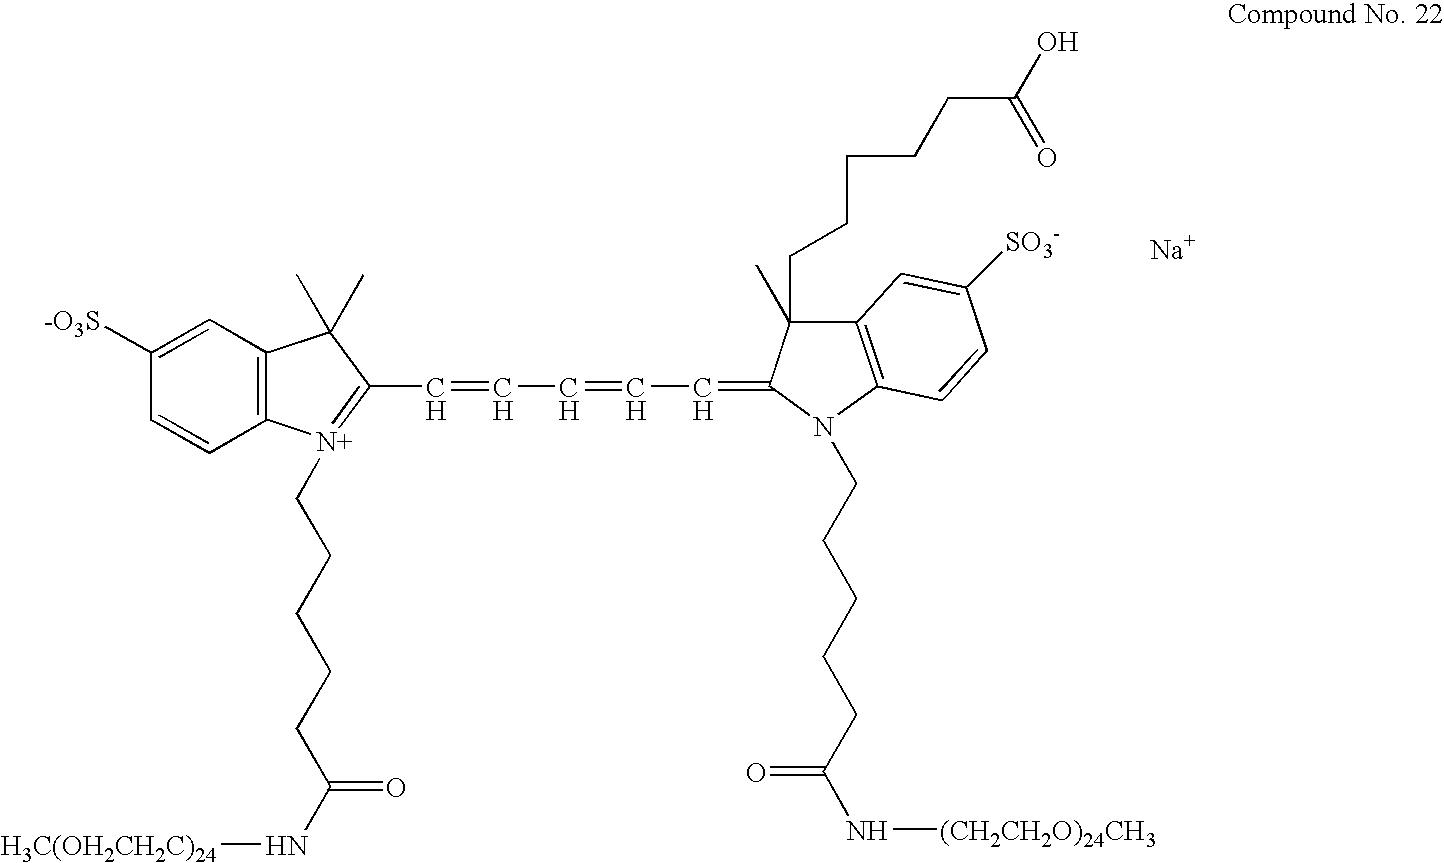 Figure US20090305410A1-20091210-C00147